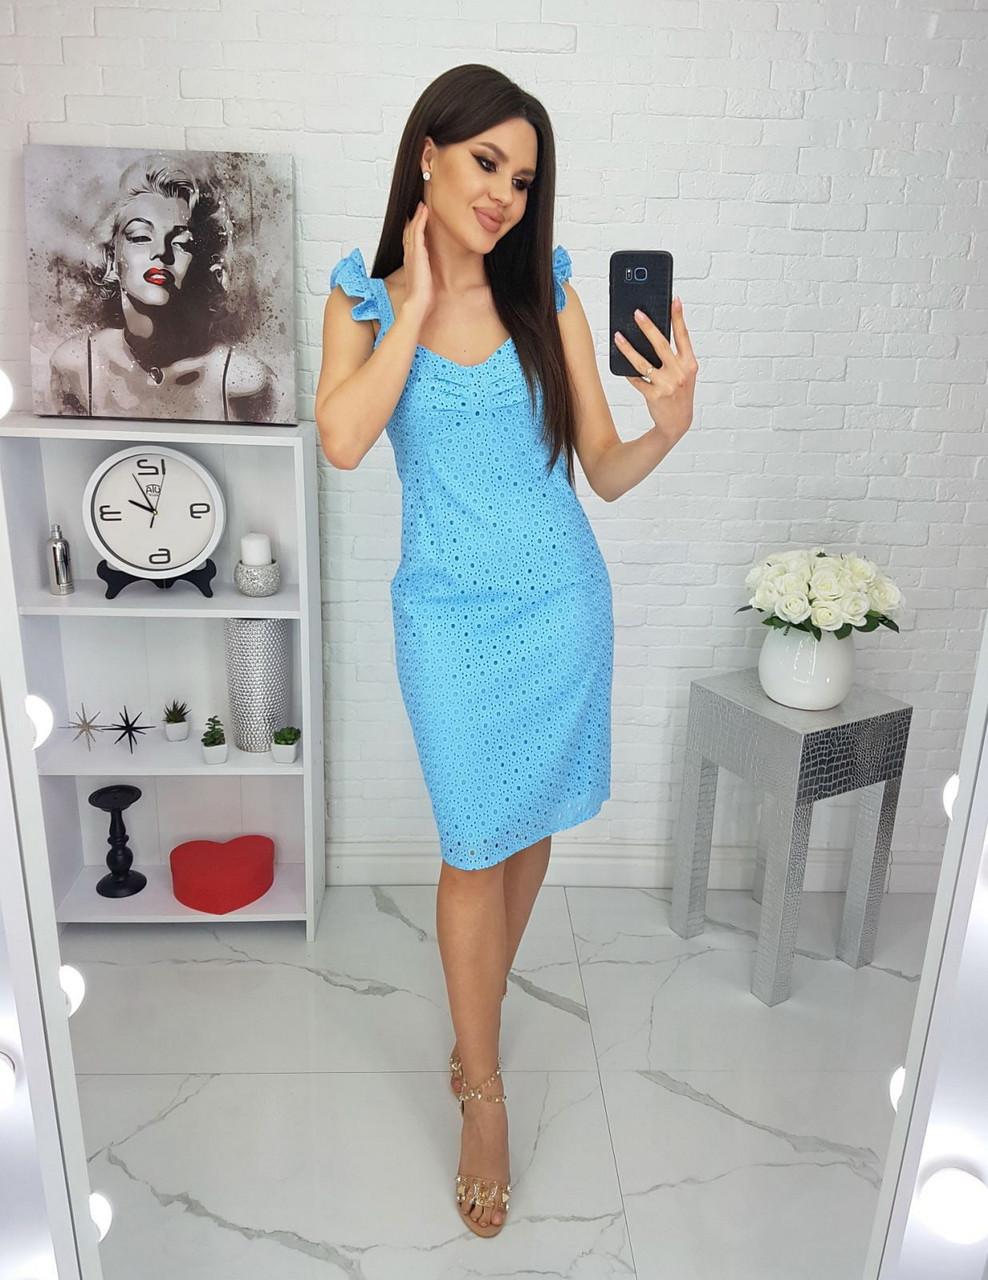 Летнее женское платье из прошвы на подкладке, длиною до колен, 01043 (Голубой), Размер 42 (S)